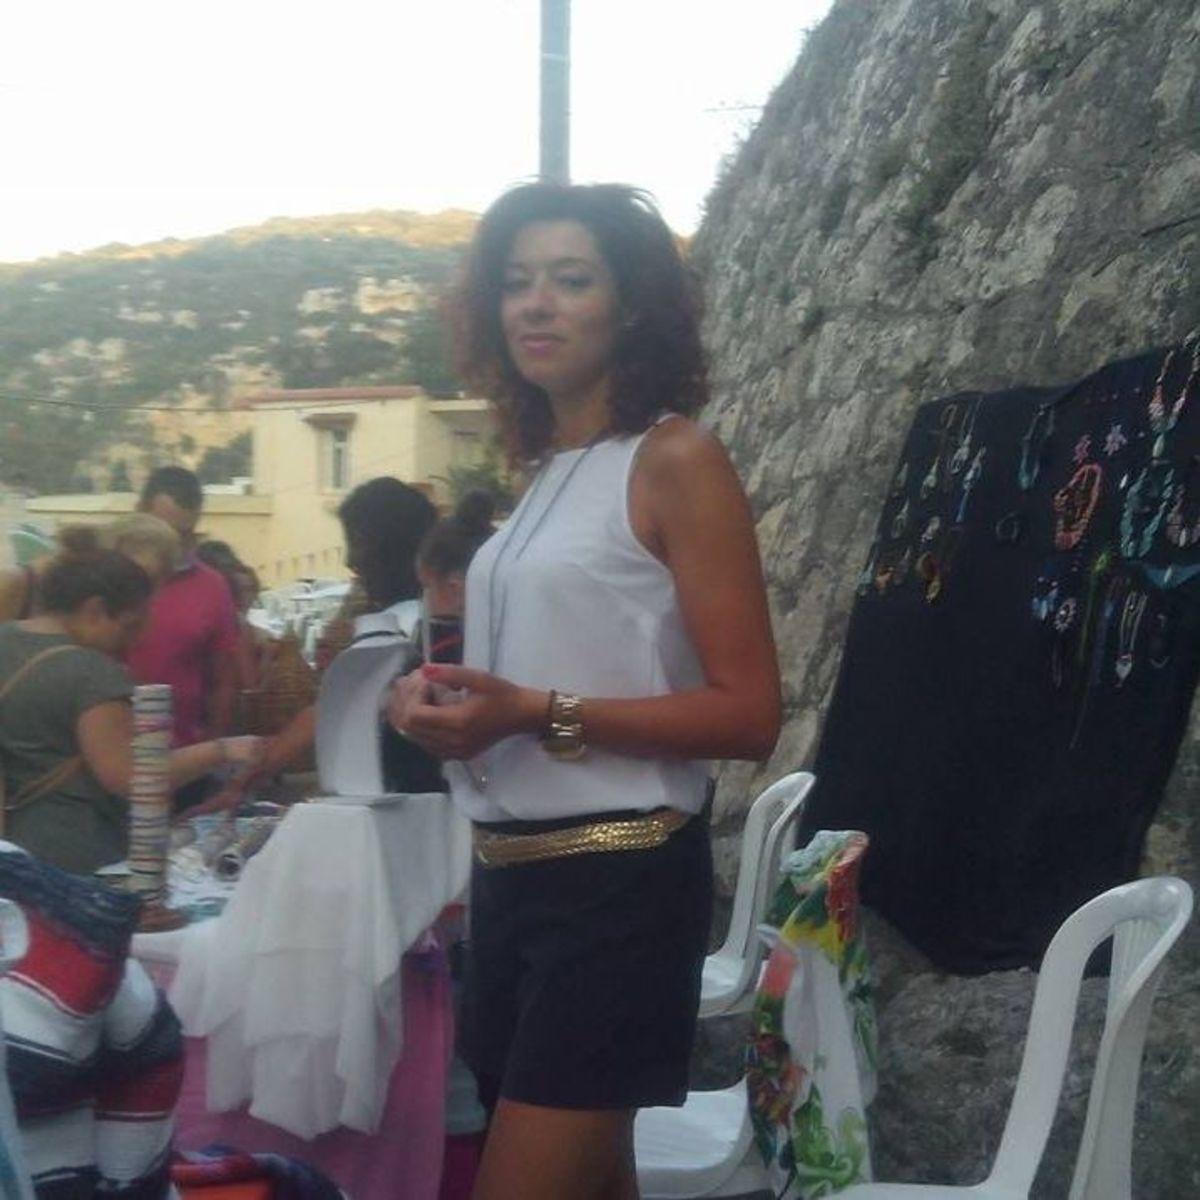 Κρήτη: Η πικρία της άτυχης Κατερίνας λίγο πριν πνιγεί